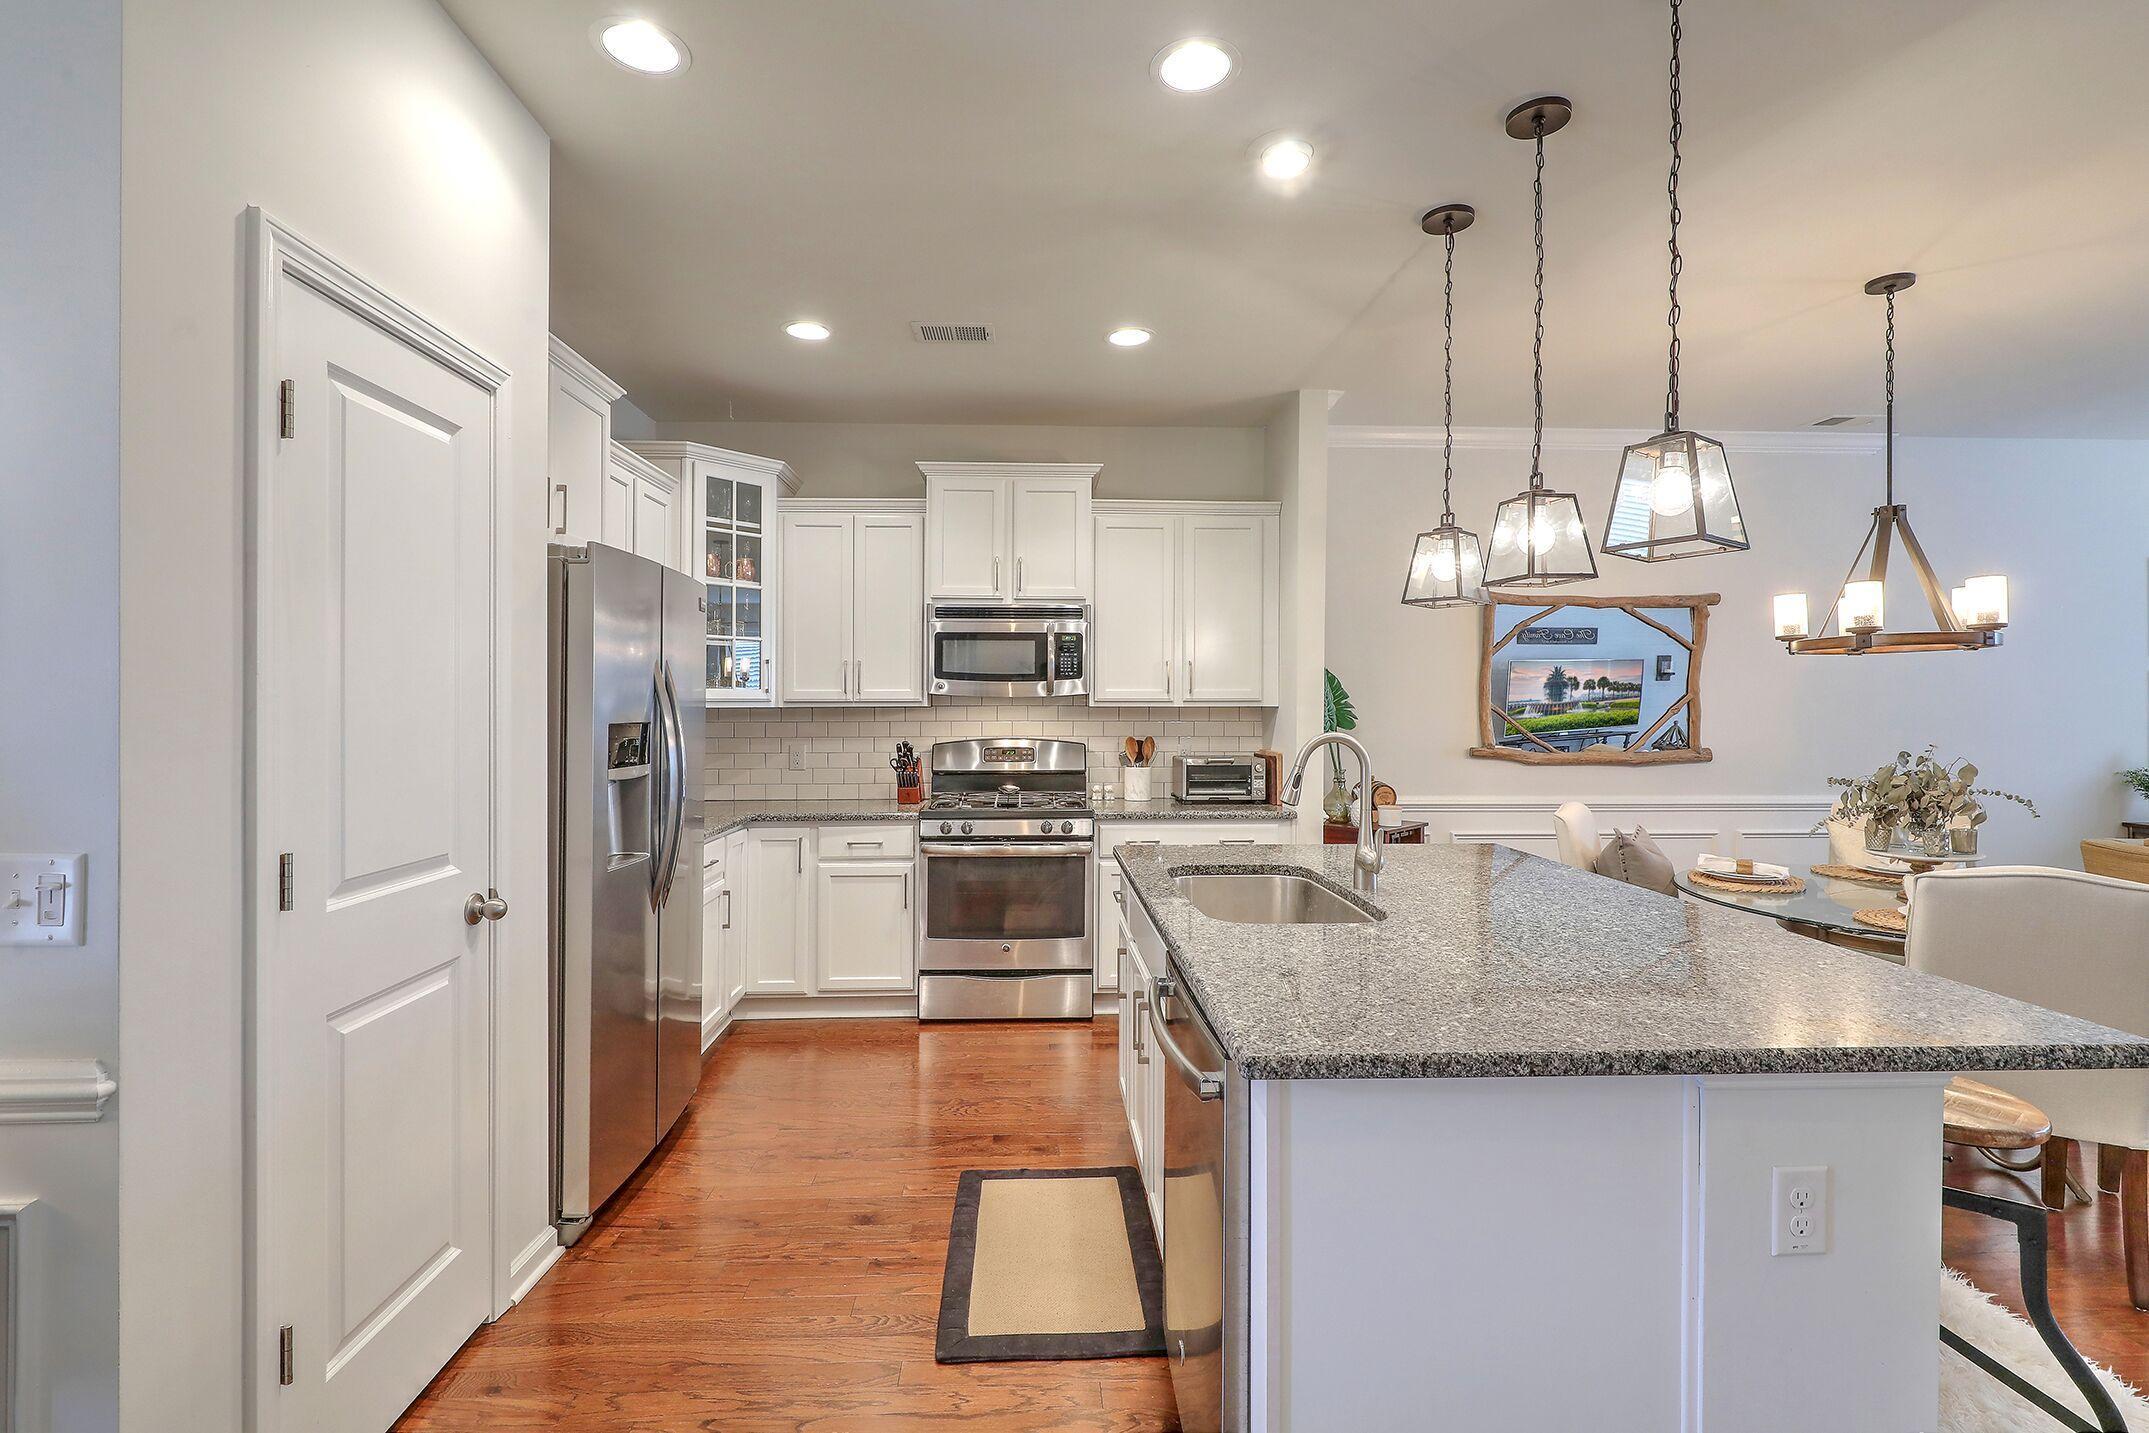 Park West Homes For Sale - 1819 Chauncys, Mount Pleasant, SC - 6